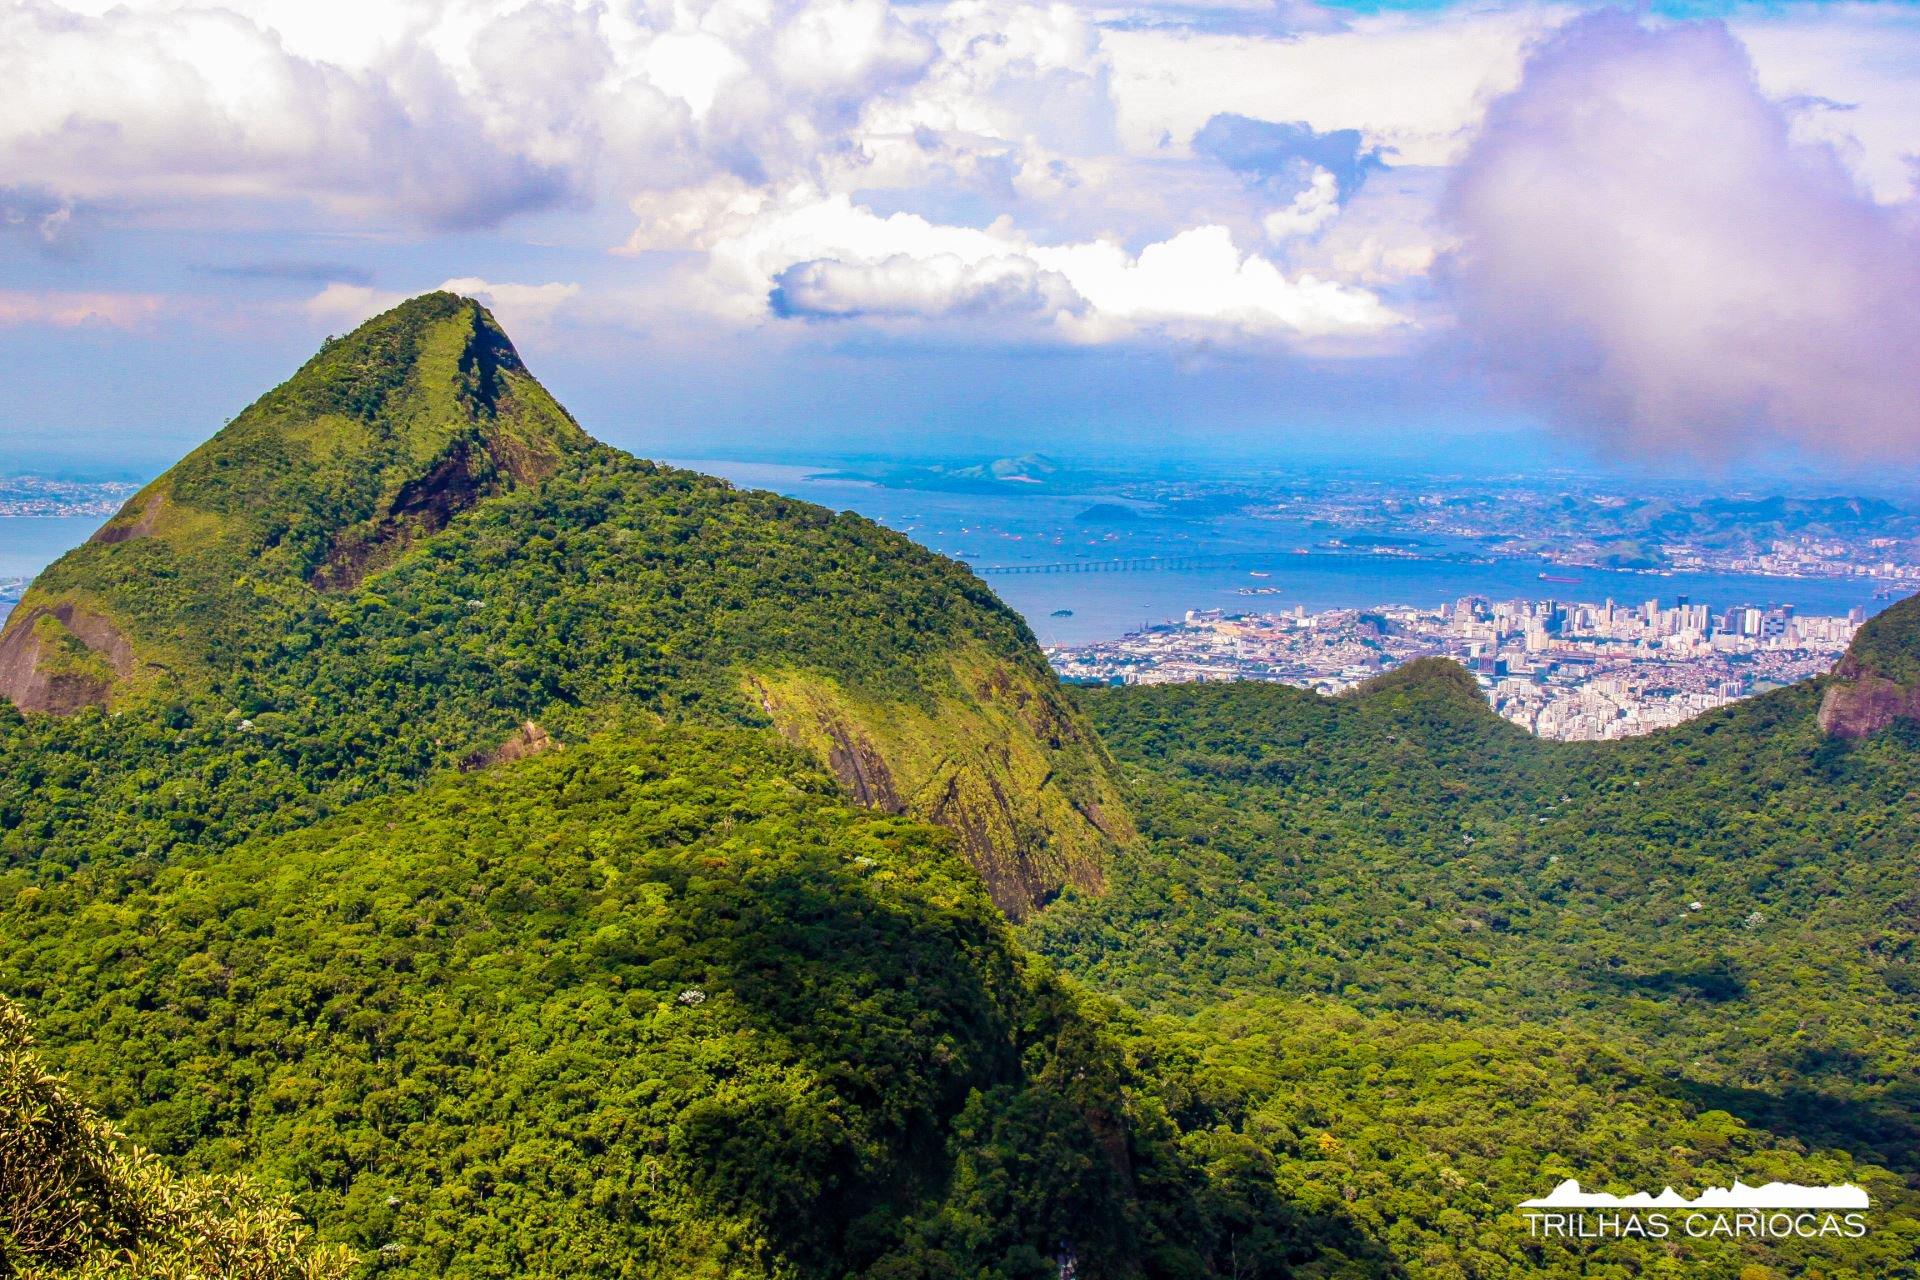 Pico do Cocanha P_0007